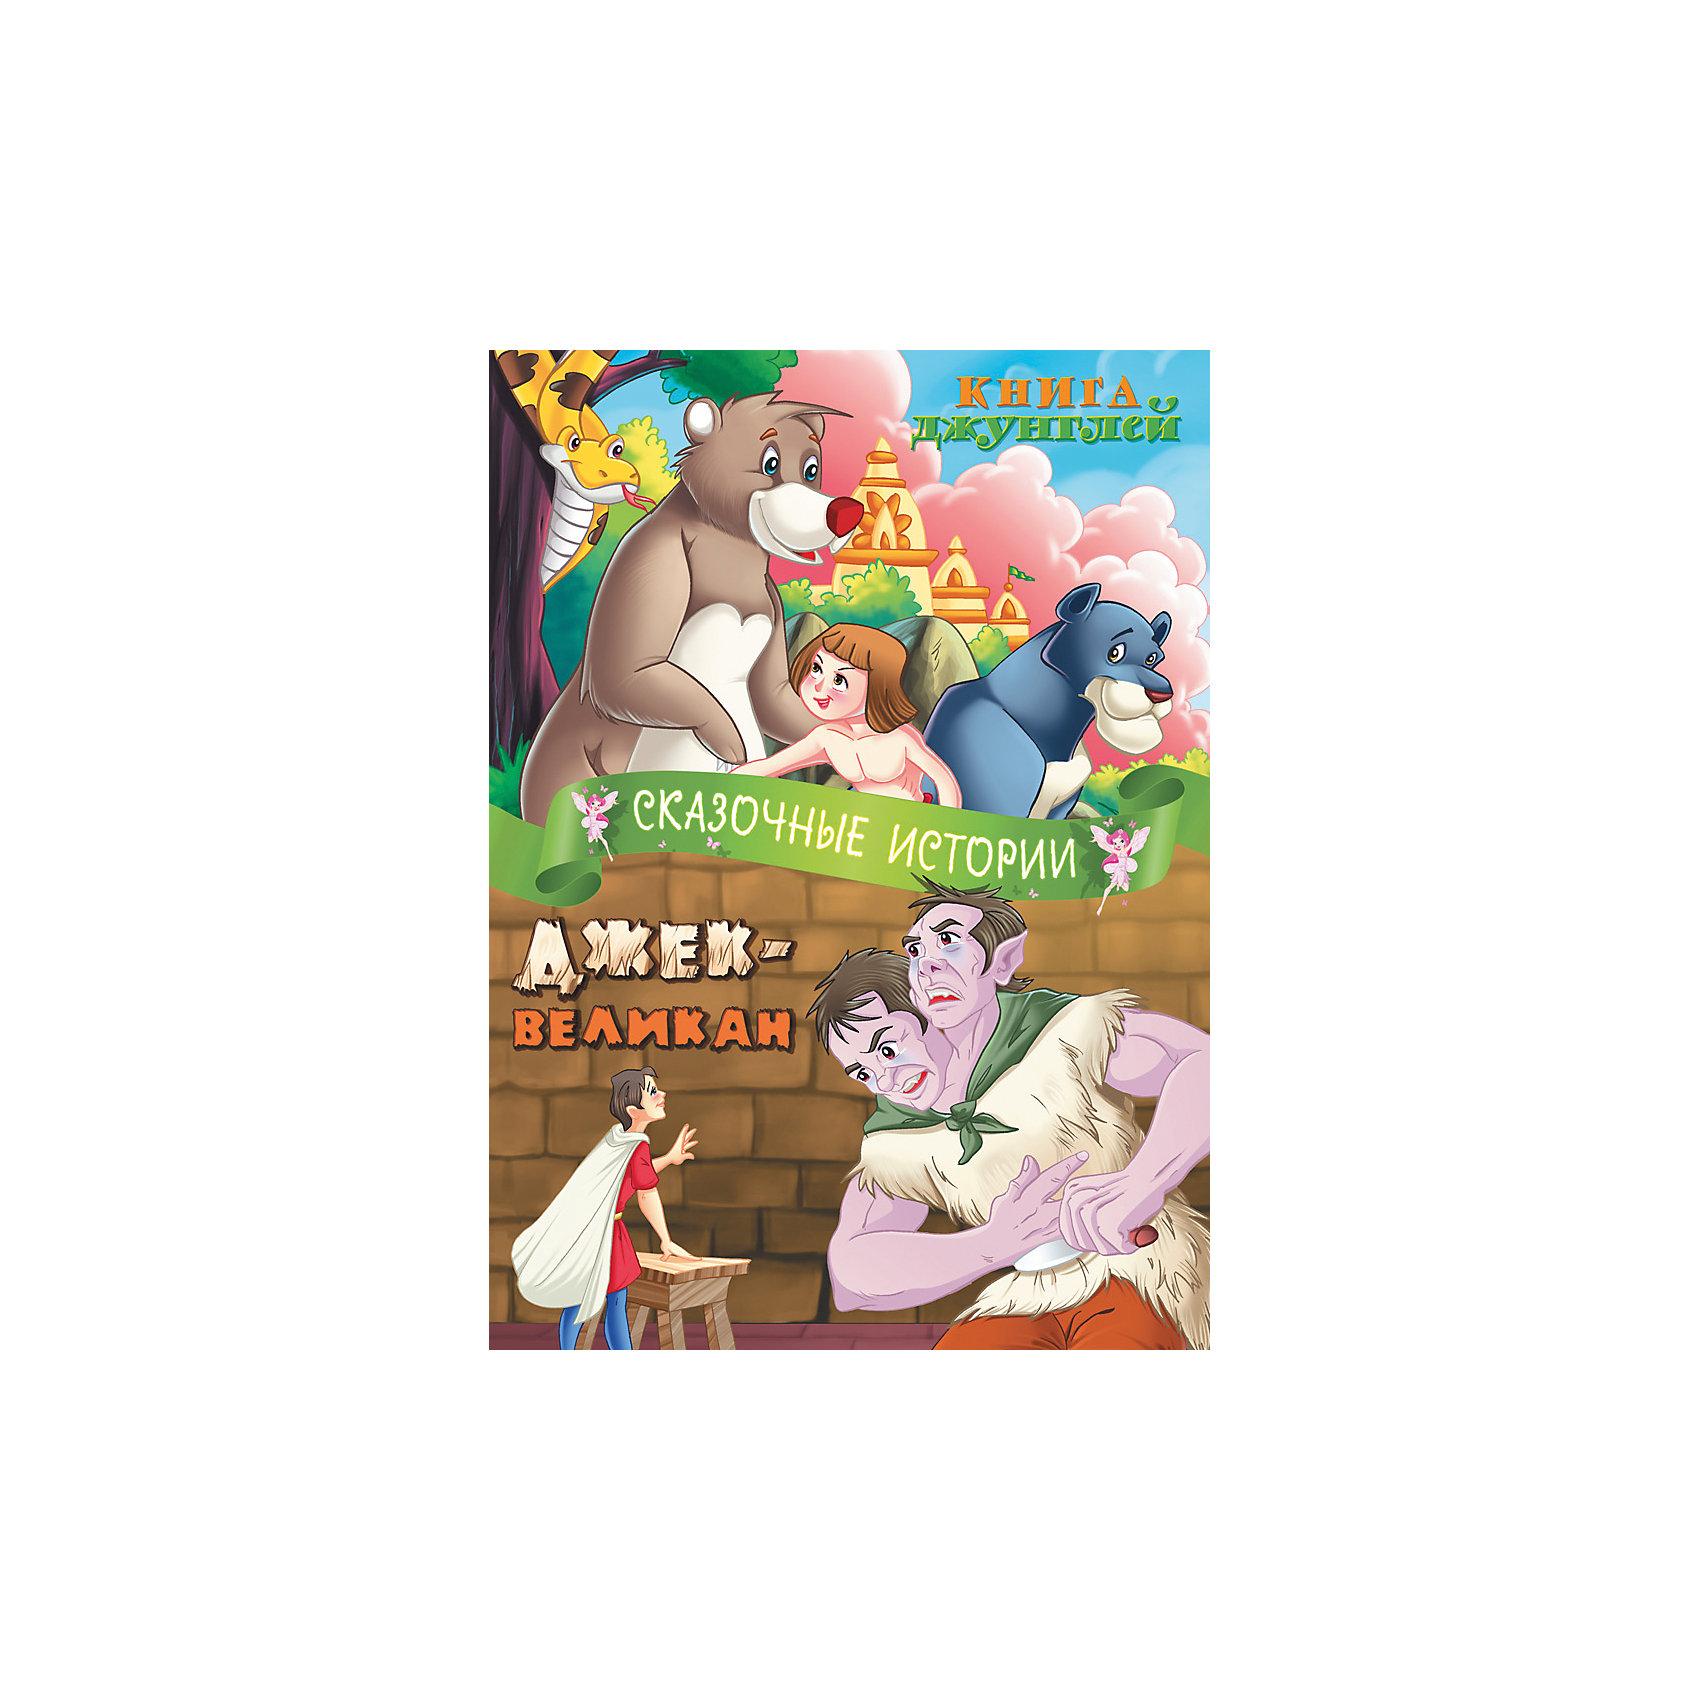 Сказочные истории: Книга джунглей, Джек-ВеликанСказки<br>Сказочные истории: Книга джунглей, Джек-Великан – это красочно иллюстрированная книга, адаптированная для малышей.<br>На страницах книги вашего ребенка ждет знакомство со сказочной историей «Книга джунглей» Редьярда Киплинга и английской народной сказкой «Джек-Великан». Малыш узнает знаменитую историю о Маугли, человеческом детеныше, которого взяла на воспитание волчья семья. Юных читателей ждет встреча с бурым медведем Балу, питоном Каа, вожаком стаи Акелой, Шер-Ханом. А сказка «Джек-Великан» познакомит его с приключениями Джека, победителя великанов. Серия Сказочные истории – это красочно иллюстрированные книги для дошкольников. Тексты всемирно известных сказок адаптированы для восприятия самыми маленькими читателями, которым ещё не под силу знакомство с оригинальными книгами. Многие из этих историй знает и любит уже несколько поколений, это сокровищница детской литературы и своеобразный мостик, связывающий бабушек, дедушек, родителей и малышей.<br><br>Дополнительная информация:<br><br>- Издательство: Новый диск, 2015 г.<br>- Серия: Сказочные истории<br>- Тип обложки: мягкий переплет (крепление скрепкой или клеем)<br>- Иллюстрации: цветные<br>- Количество страниц: 32 (офсет)<br>- Размер: 290x210x3 мм.<br>- Вес: 122 гр.<br><br>Книгу Сказочные истории: Книга джунглей, Джек-Великан можно купить в нашем интернет-магазине.<br><br>Ширина мм: 21<br>Глубина мм: 2<br>Высота мм: 29<br>Вес г: 123<br>Возраст от месяцев: 24<br>Возраст до месяцев: 72<br>Пол: Унисекс<br>Возраст: Детский<br>SKU: 4574317